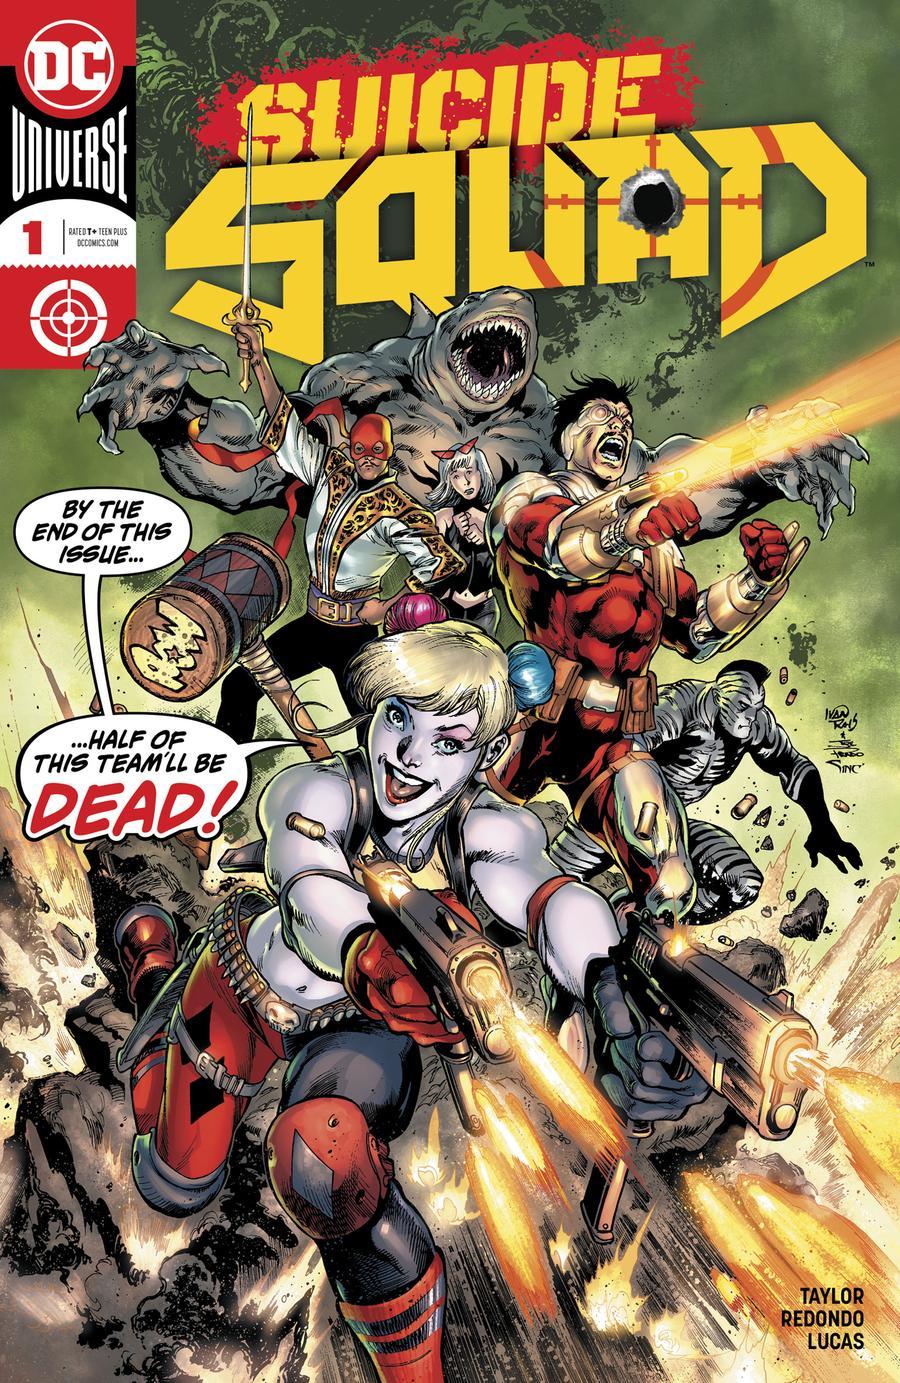 Suicide Squad Vol 5 #1 Cover A Regular Ivan Reis & Joe Prado Cover